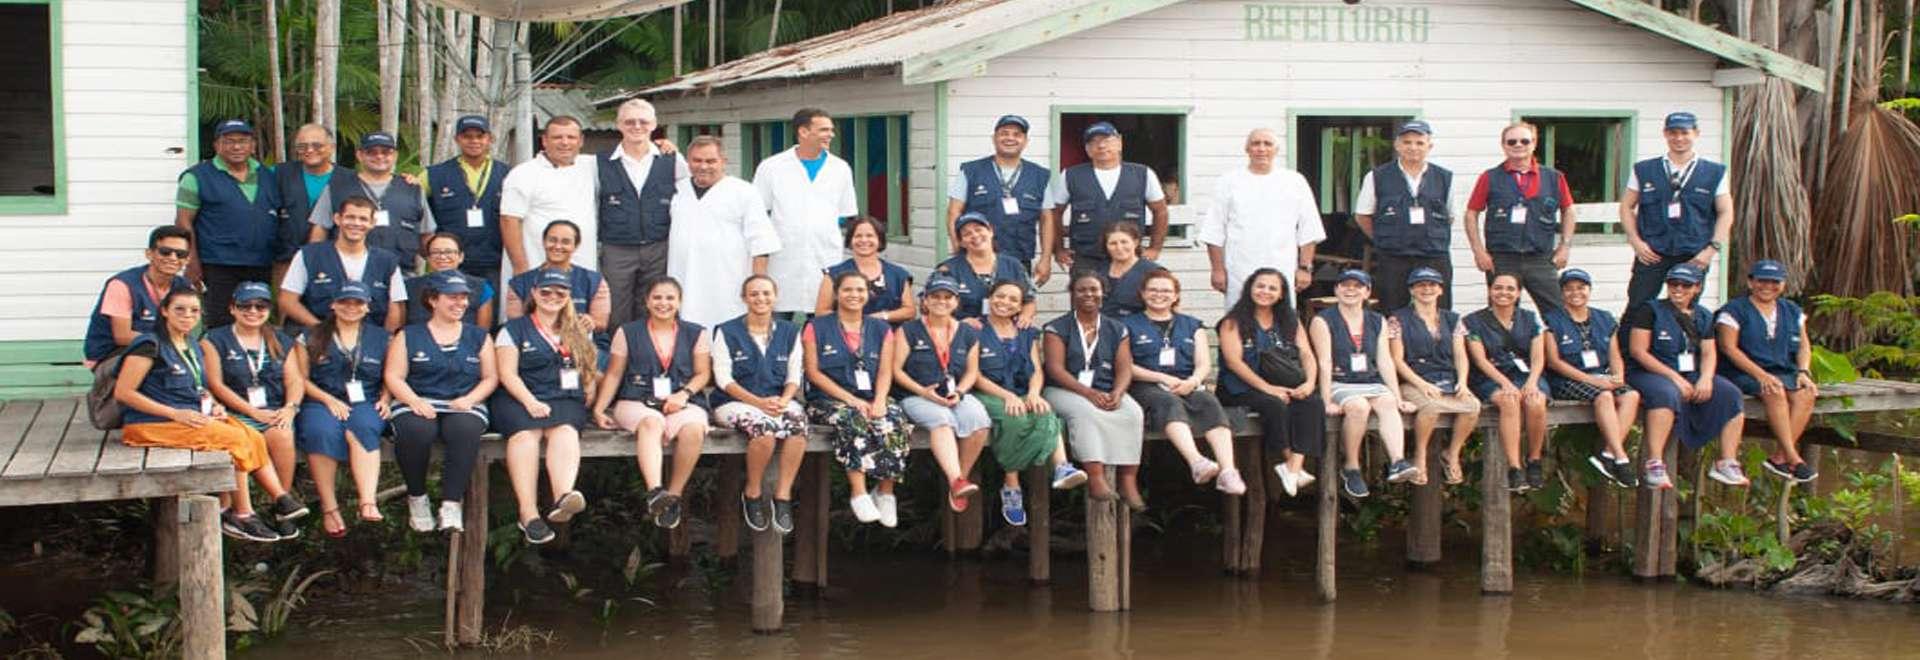 Oitava Missão Amazônia - Experiência